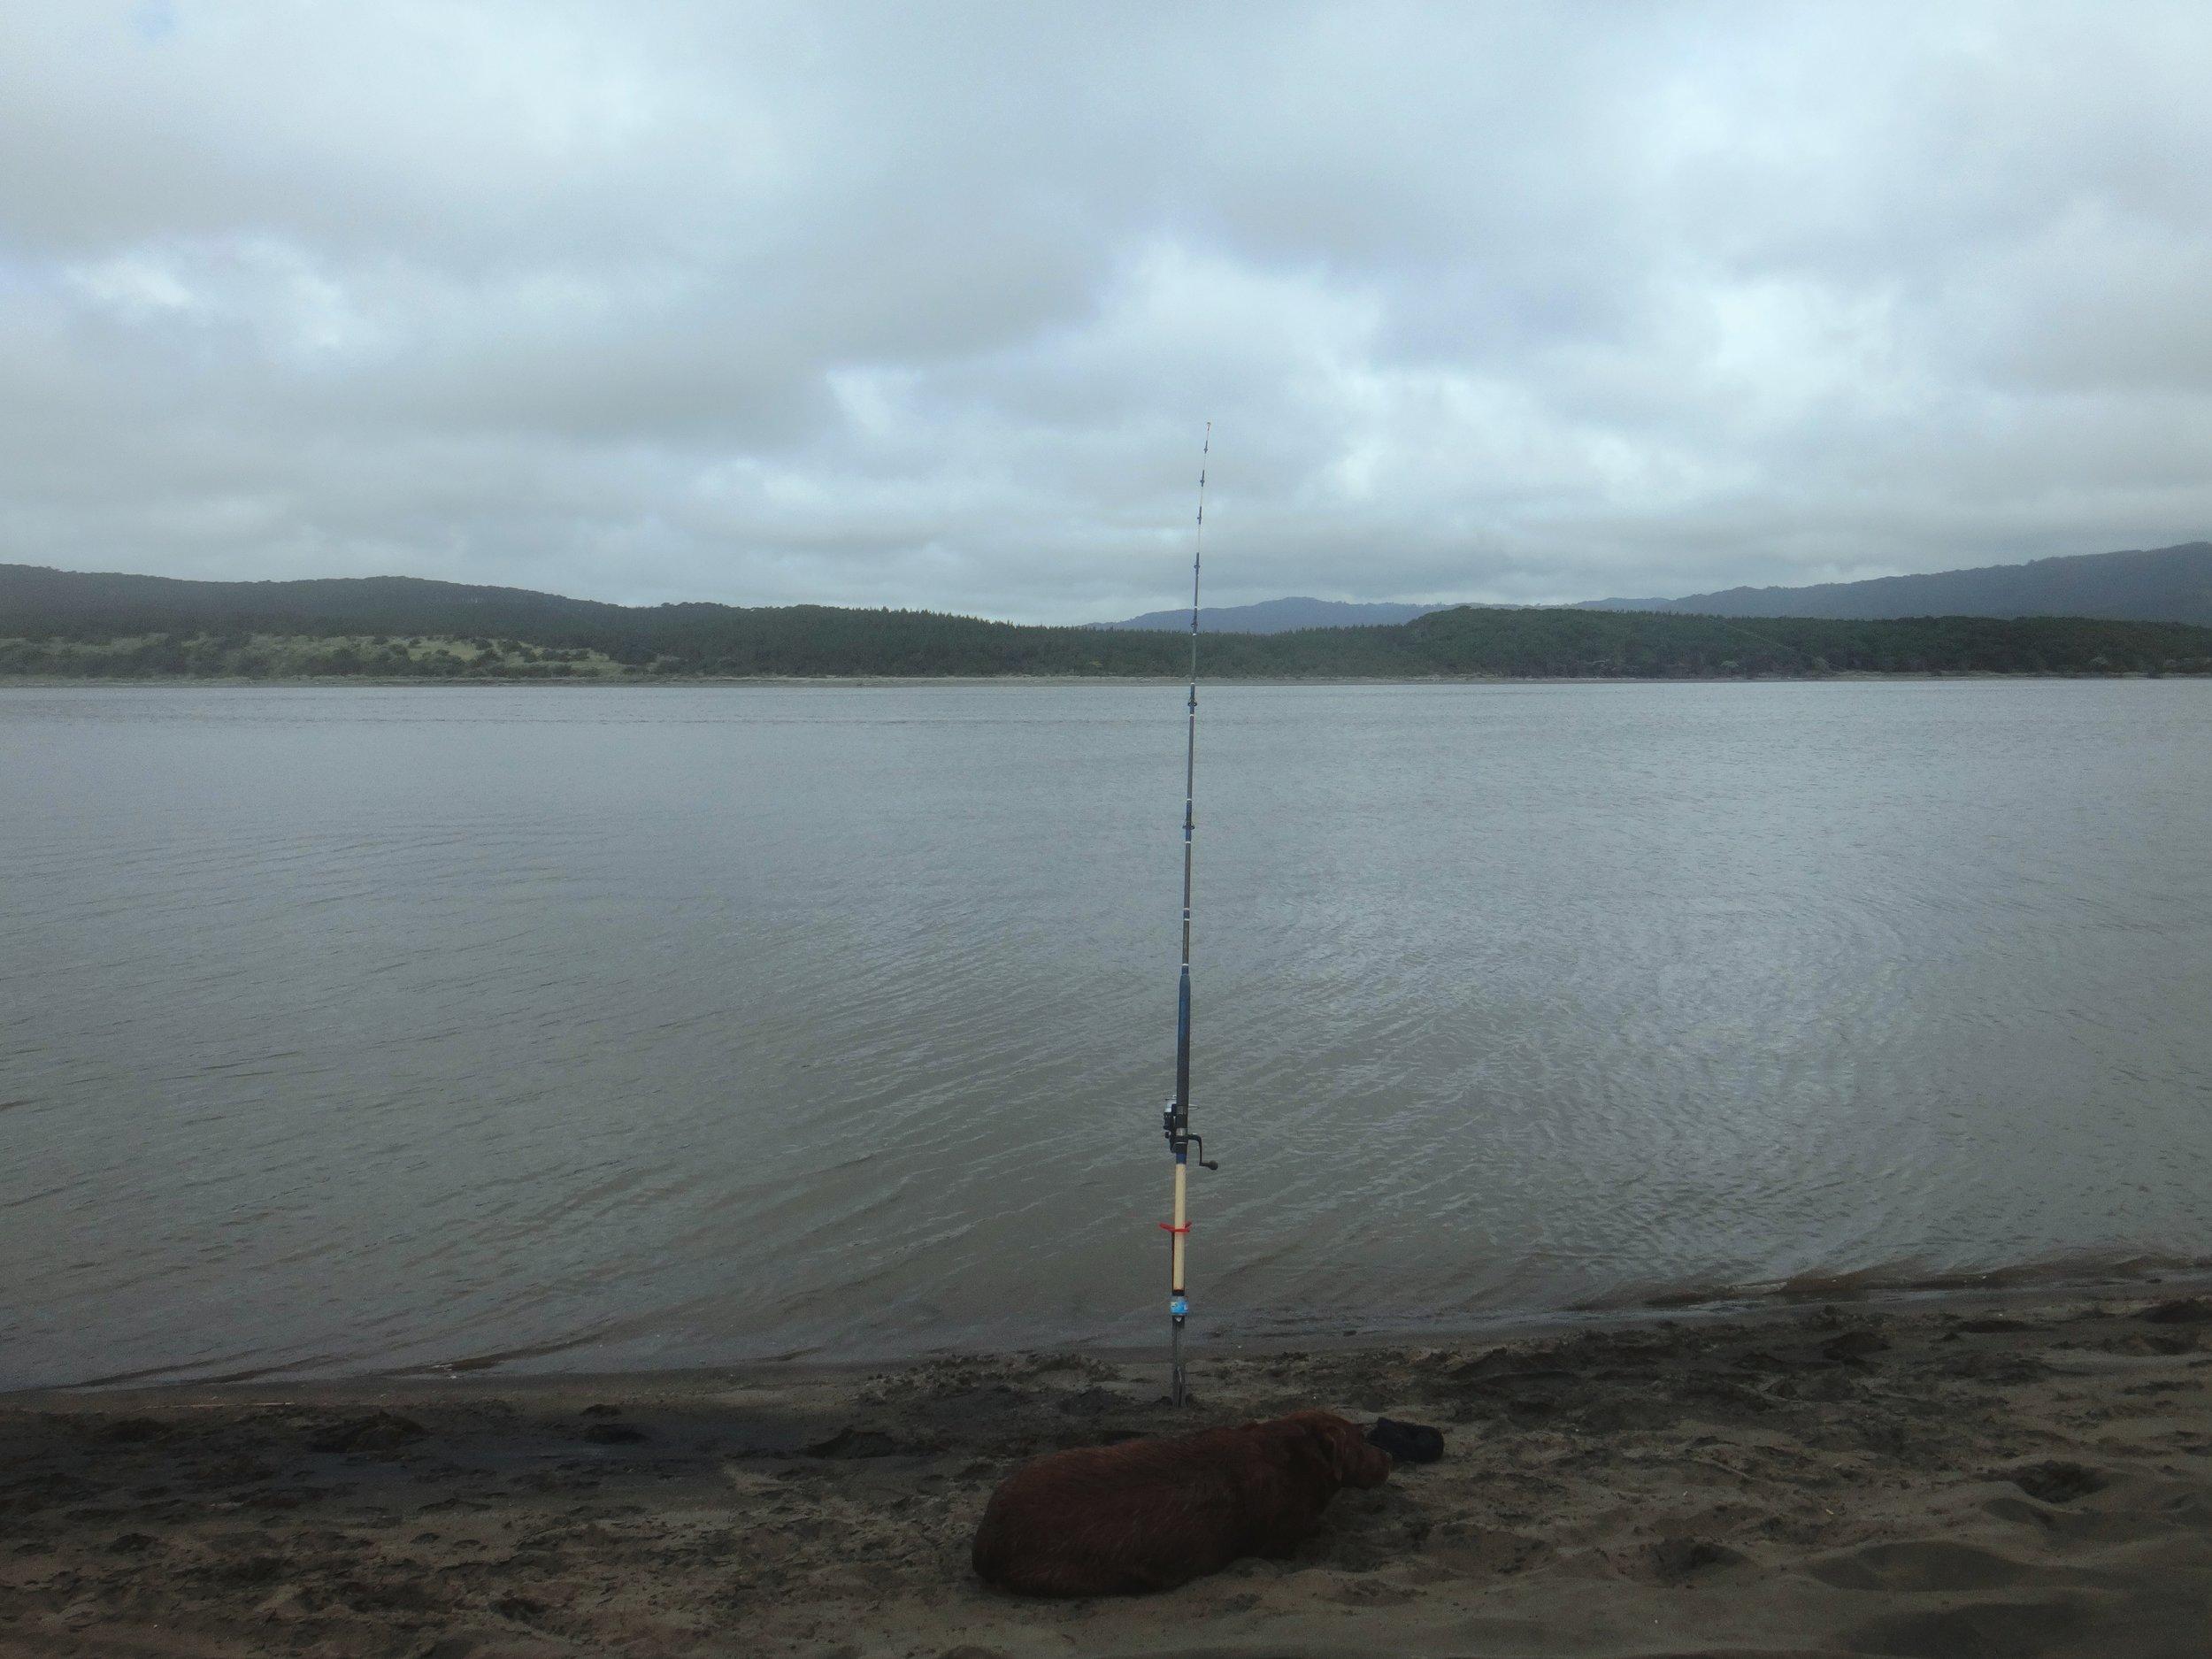 Fishing, Port Waikato style.